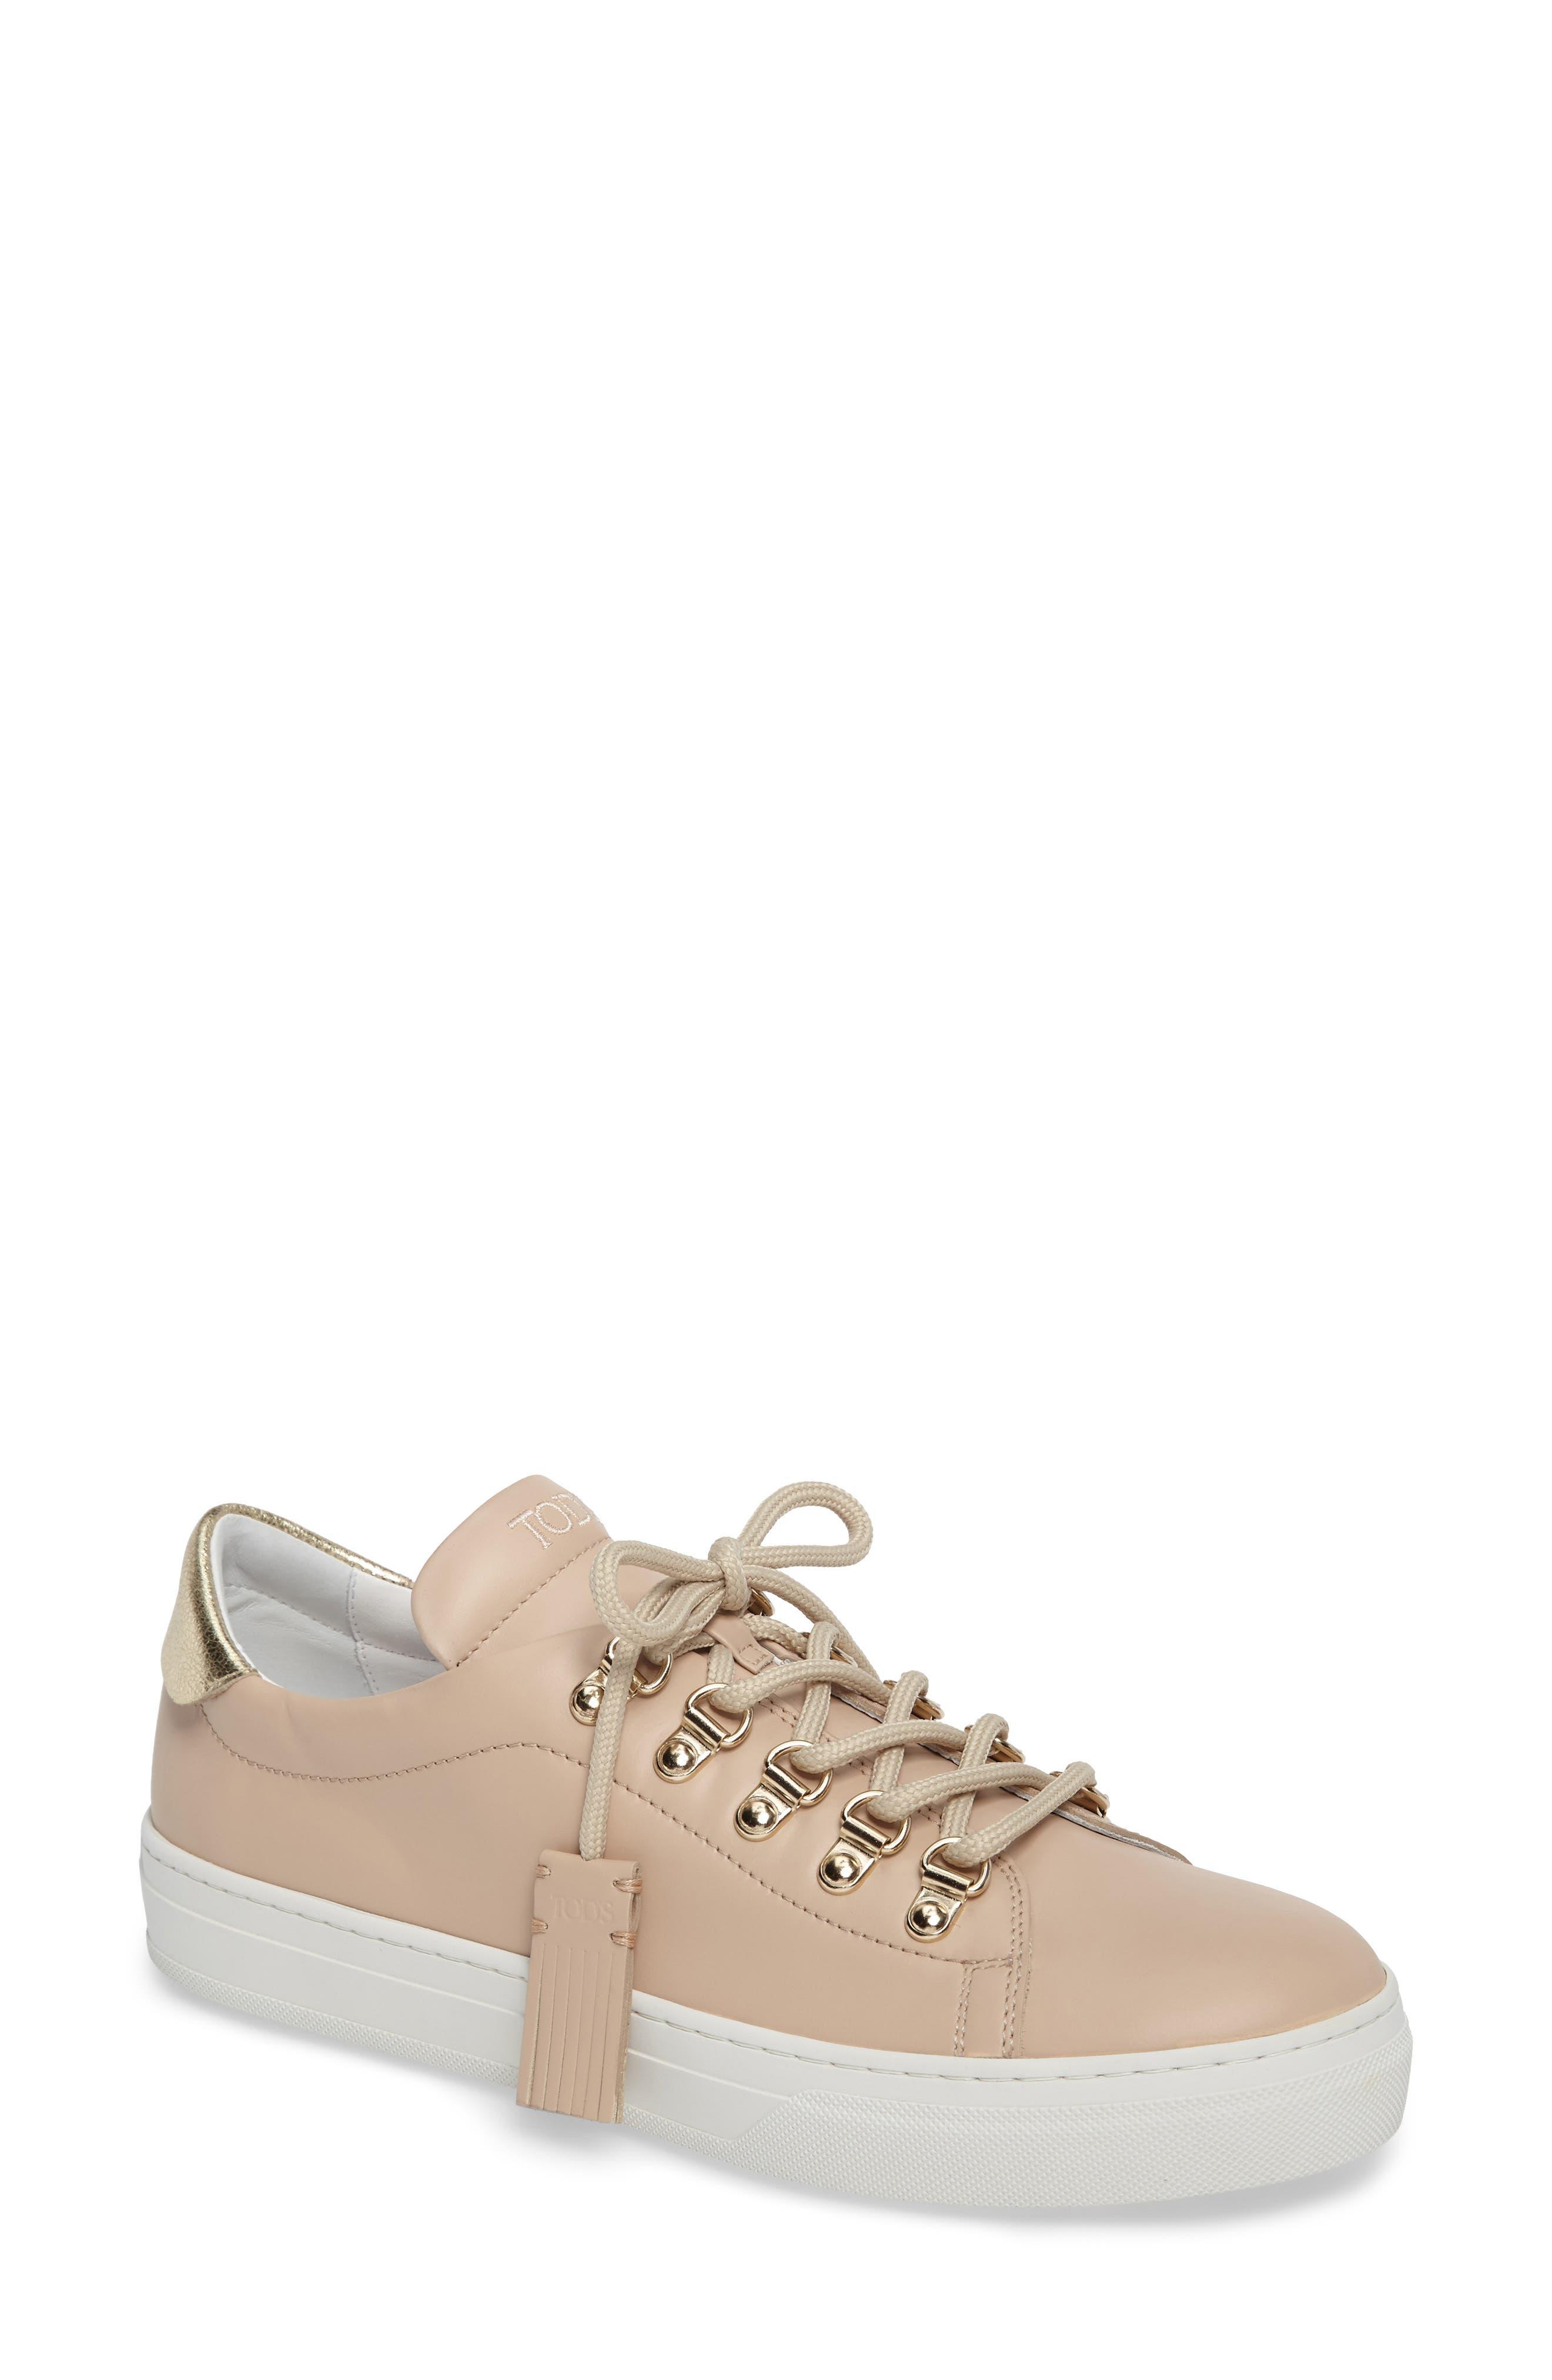 Hiker Low Top Sneaker,                         Main,                         color, Nude